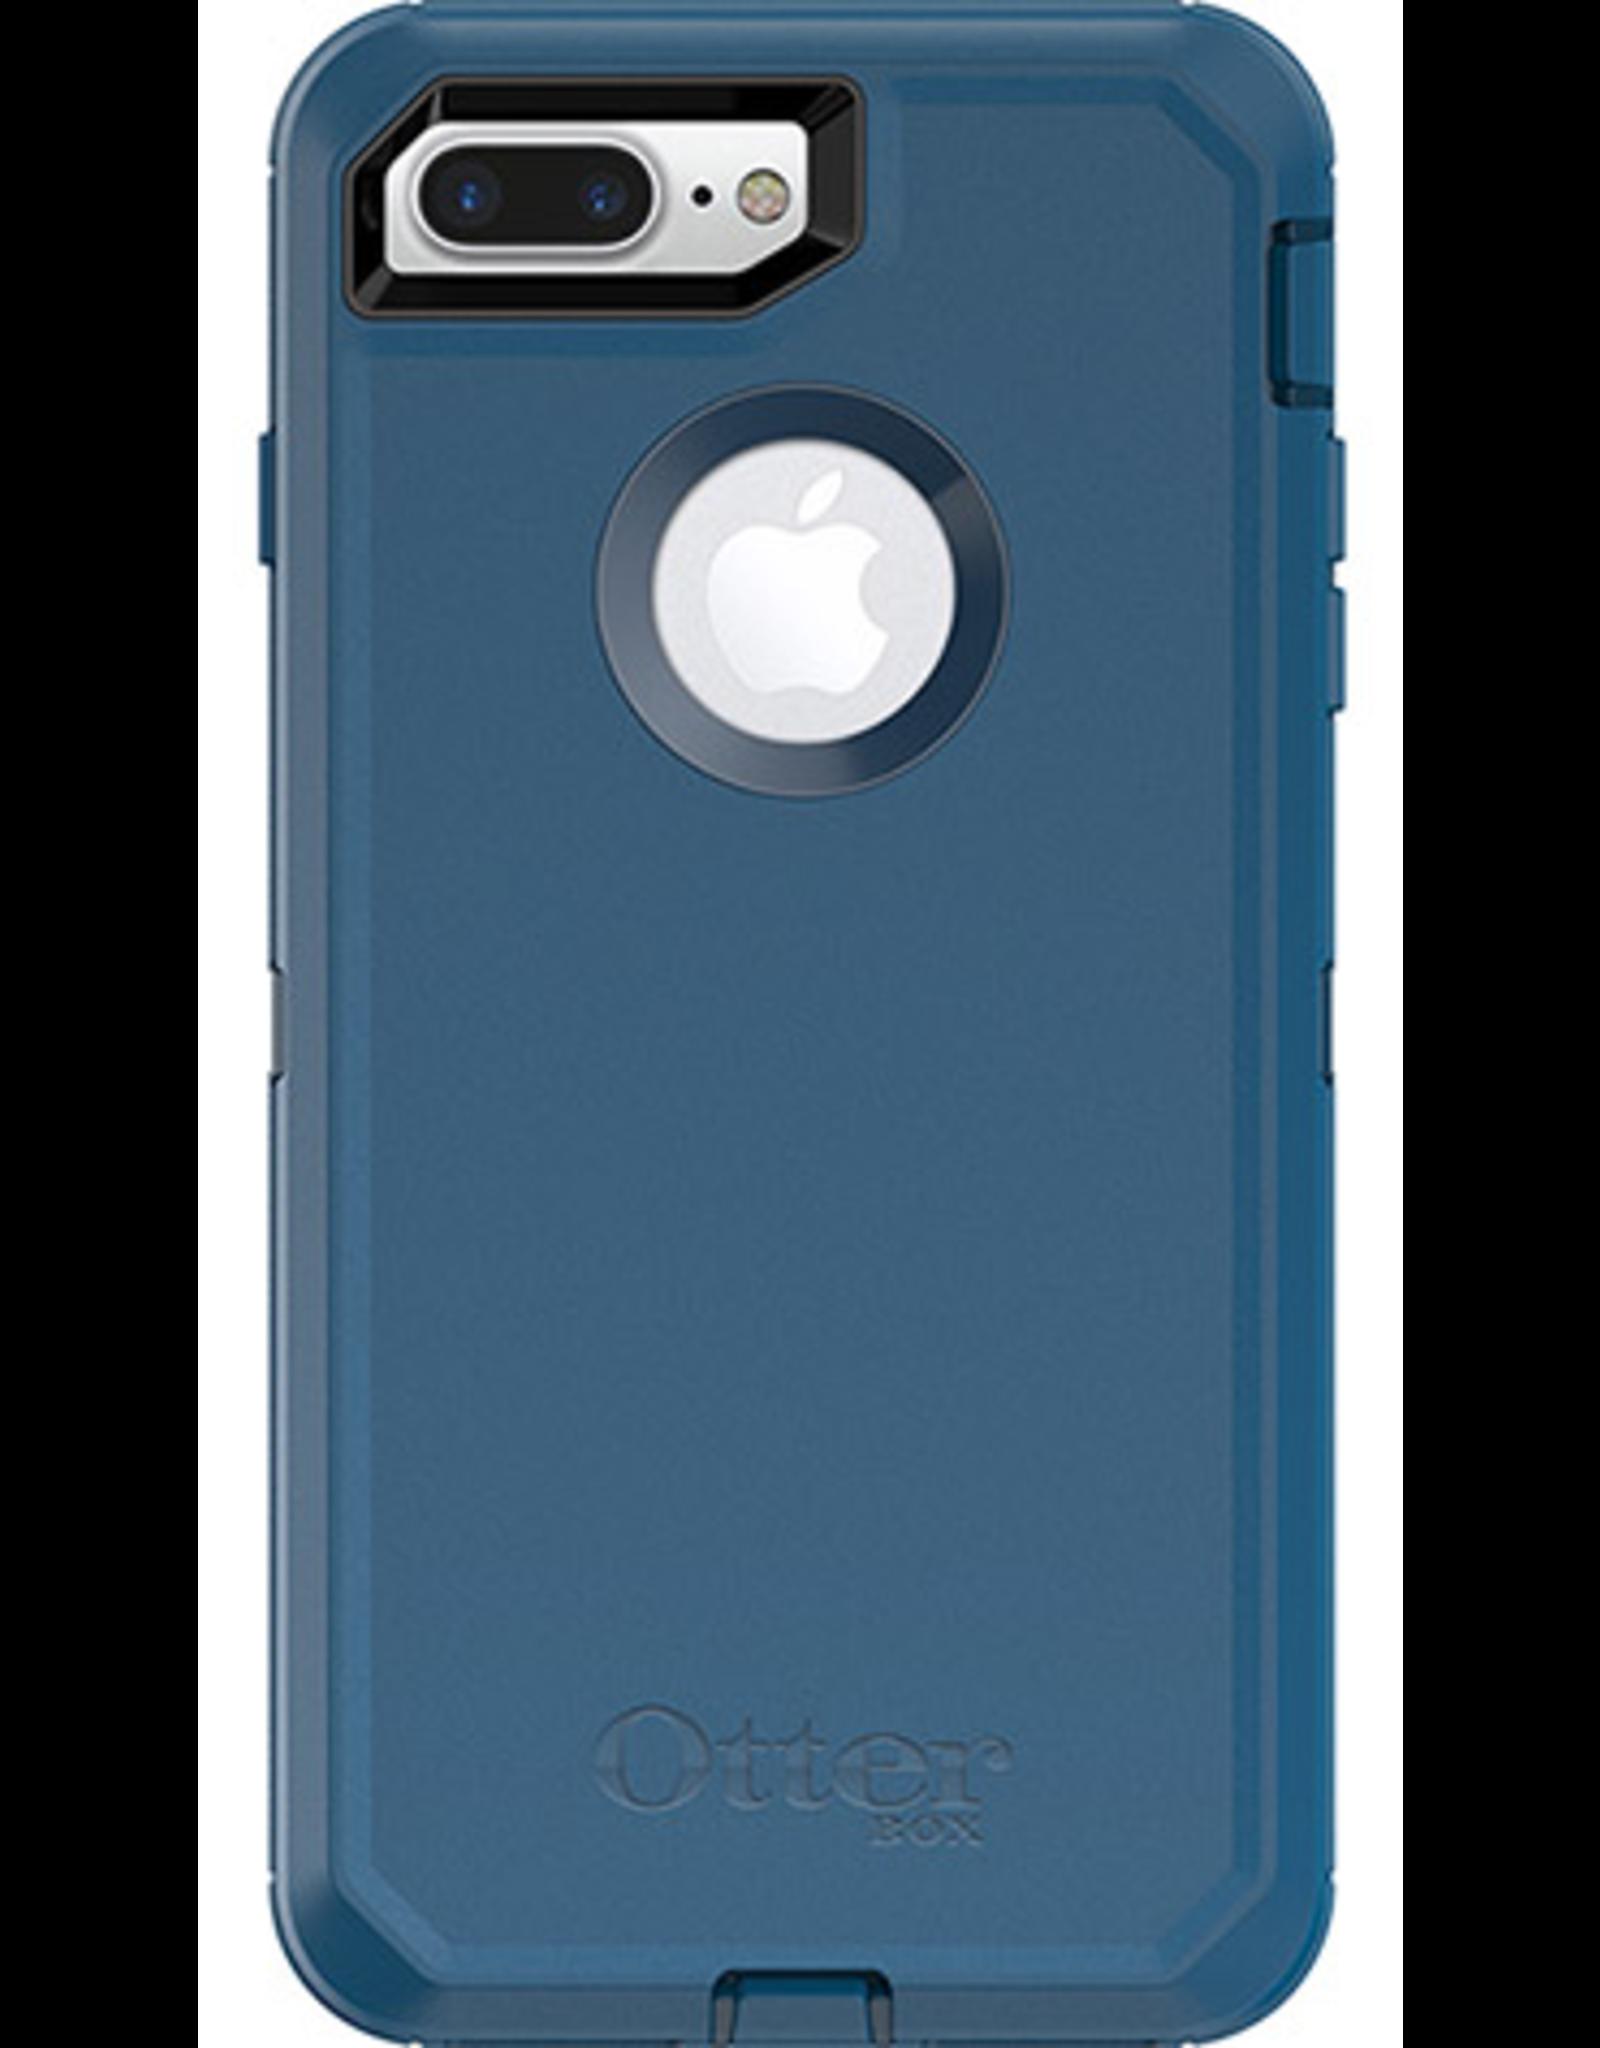 Otterbox OtterBox Defender Case suits iPhone 7 Plus/8 plus - Blazer Blue/Sea Blue